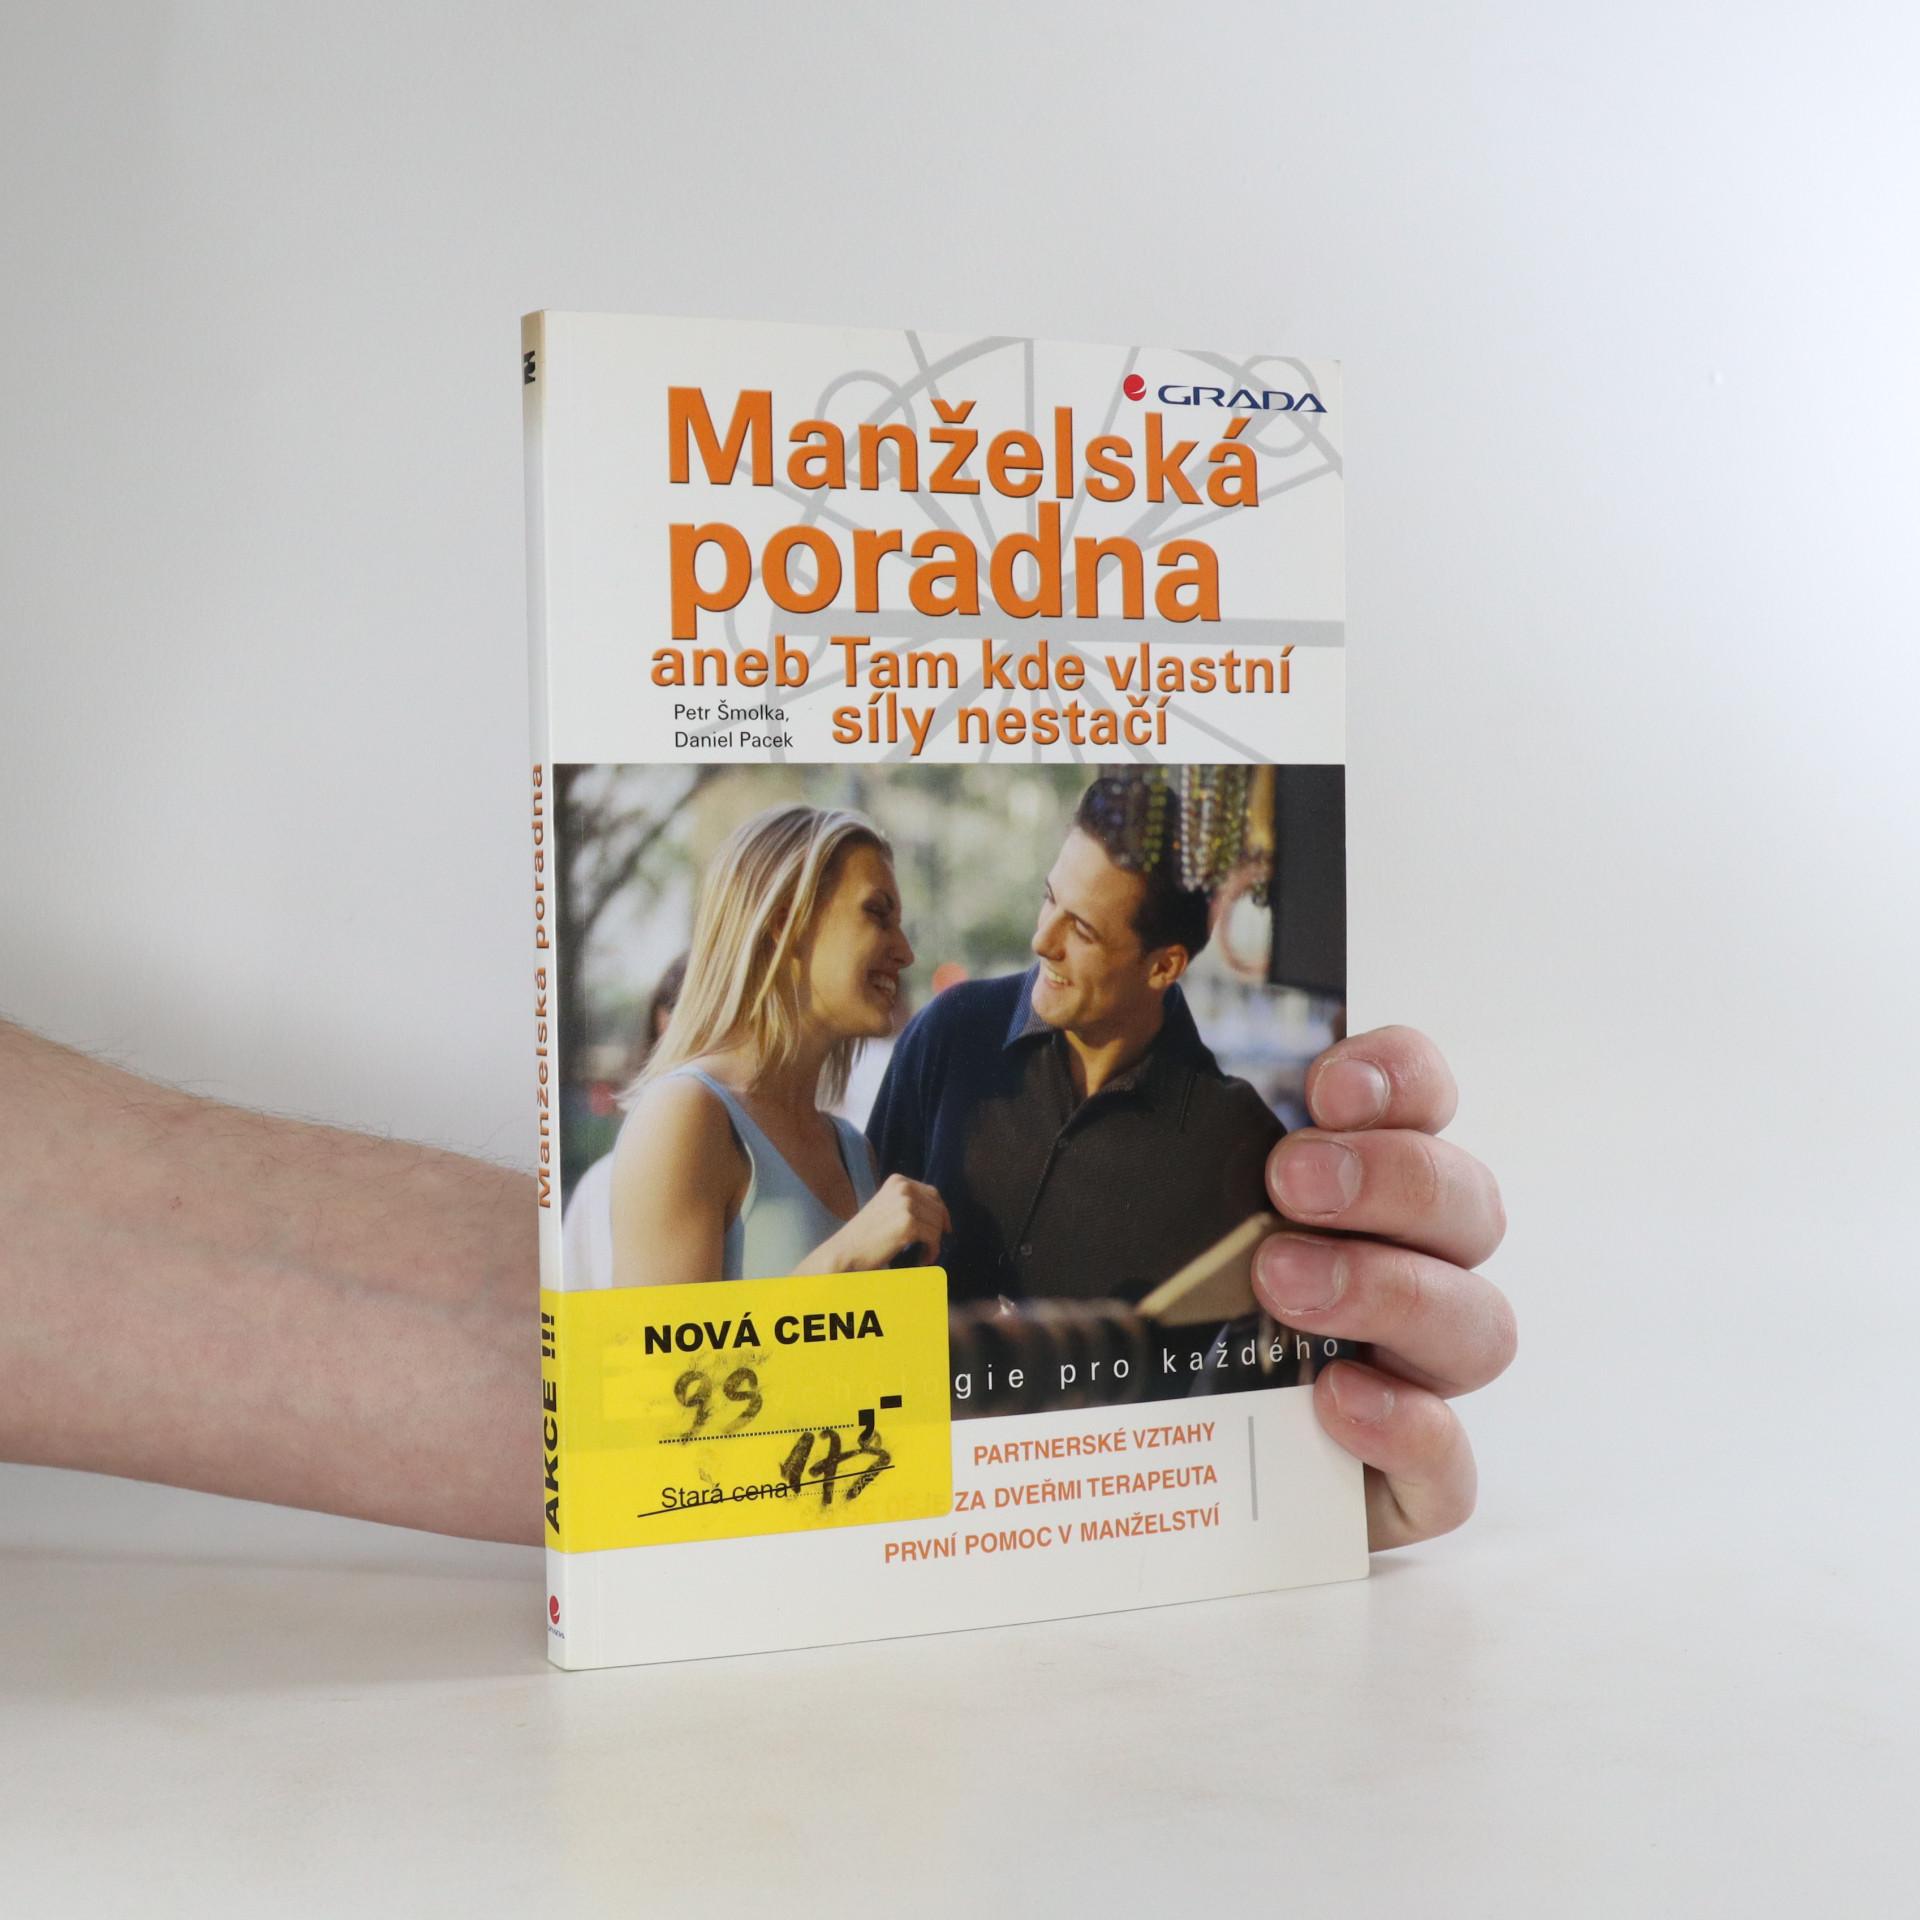 antikvární kniha Manželská poradna, aneb, Tam, kde vlastní síly nestačí, 2007